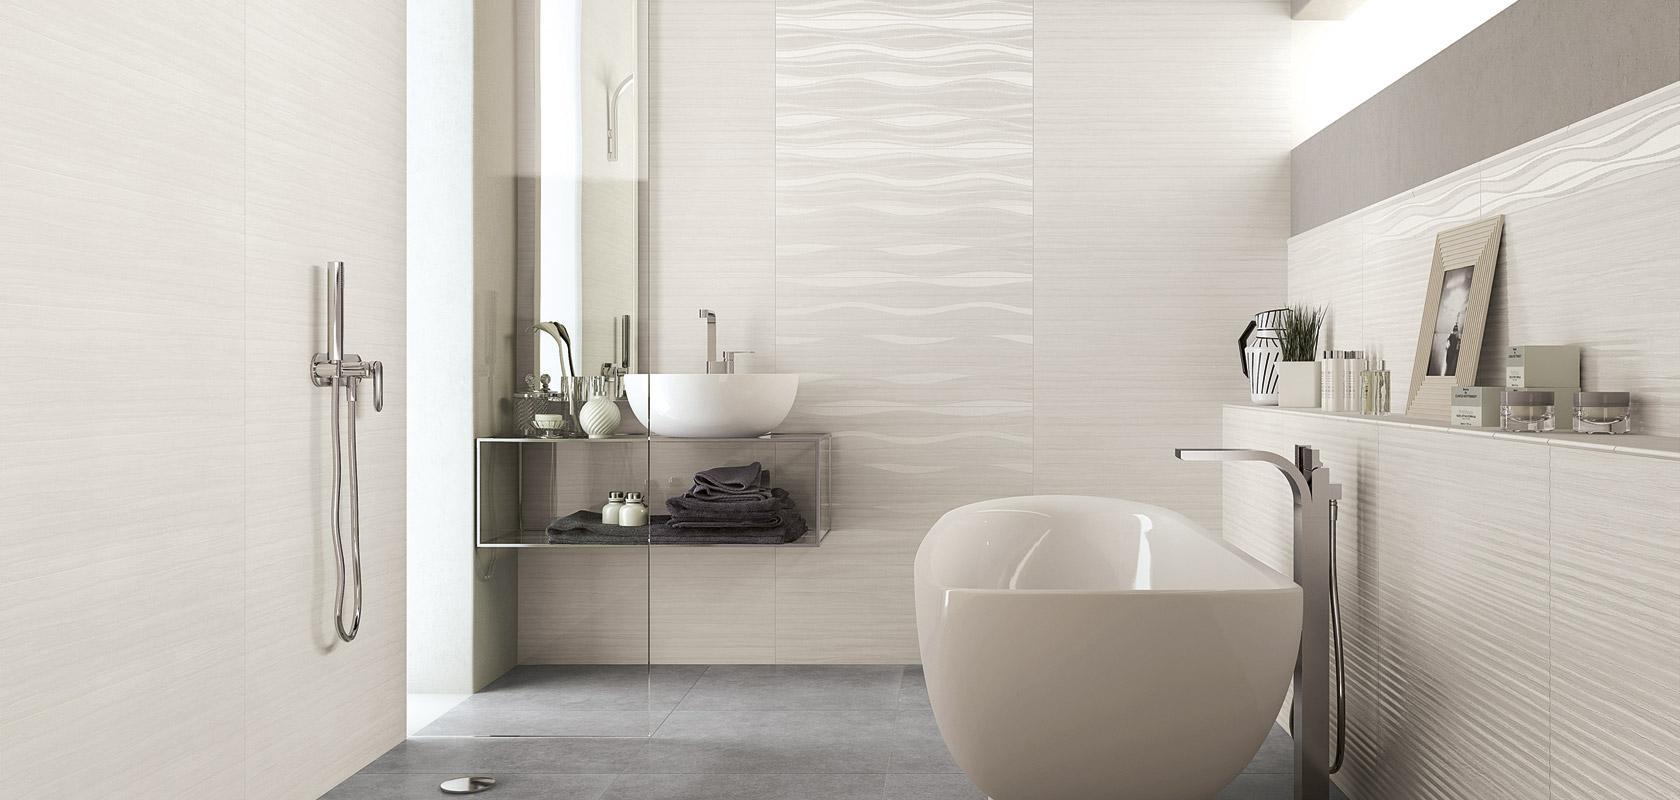 Piastrella bagno progettare e realizzare uno spazio di design - Idee mattonelle bagno ...